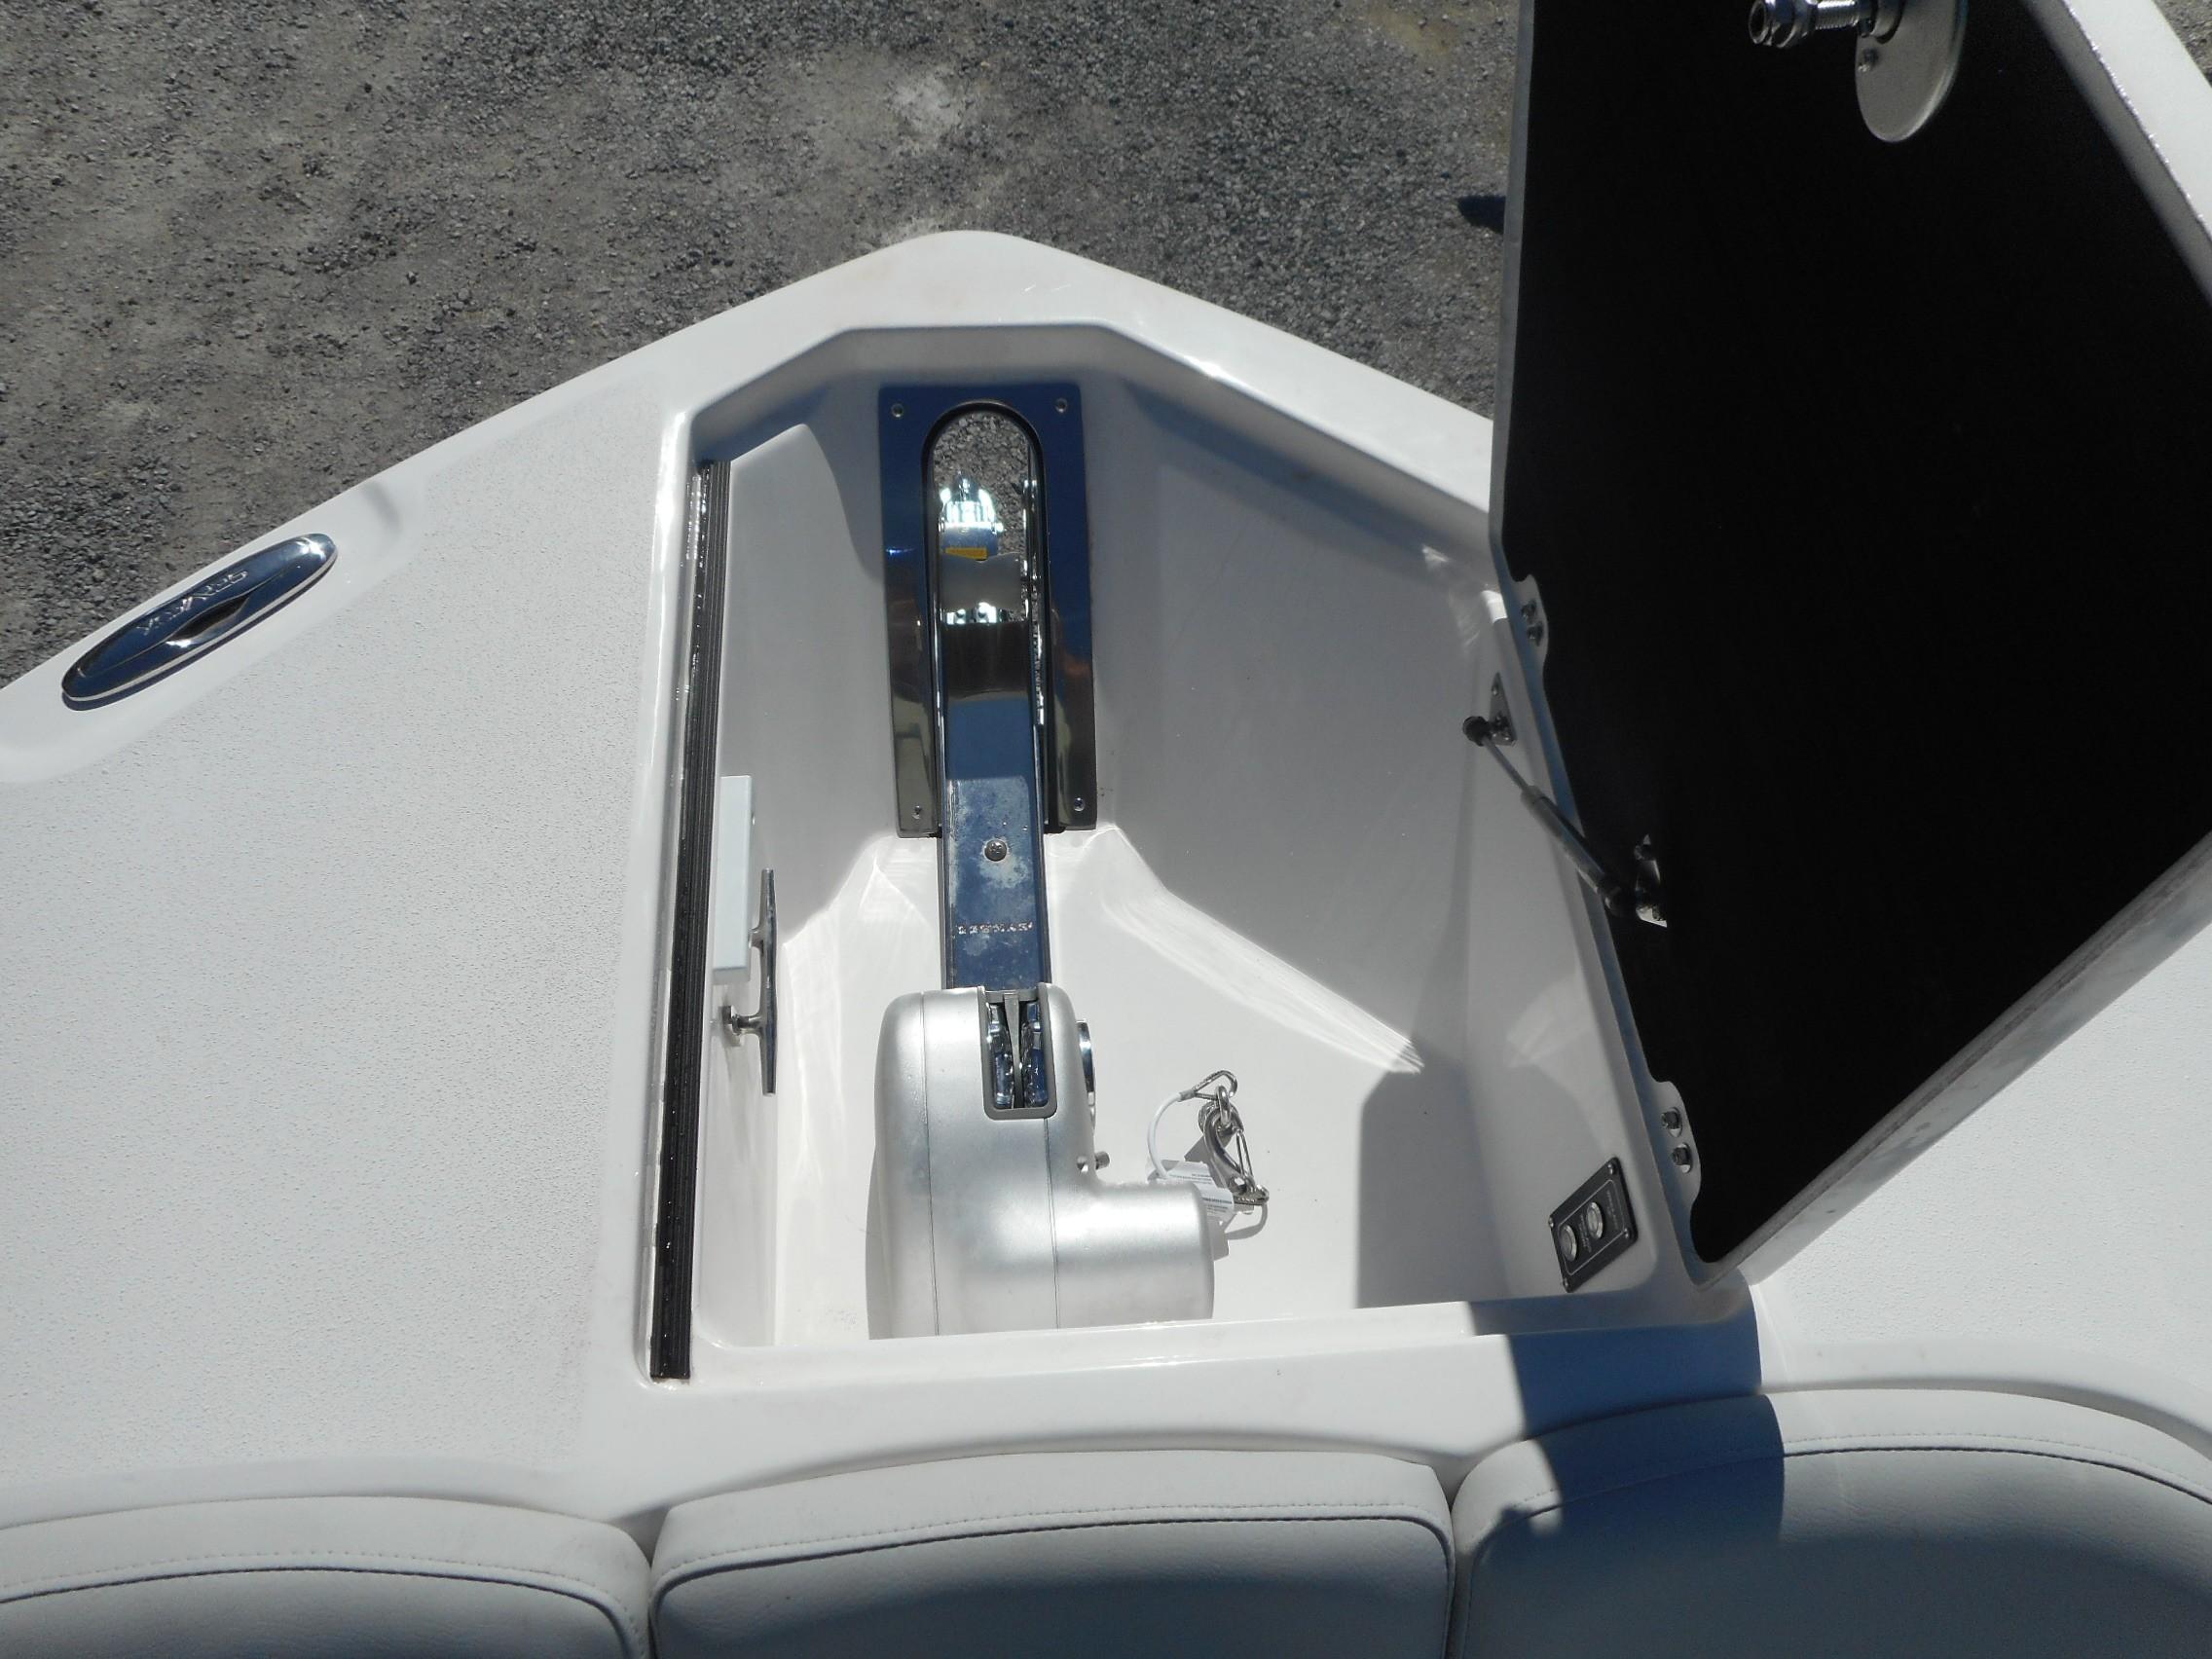 New  2020 28' Sea Fox 288 Commander Center Console in Slidell, Louisiana